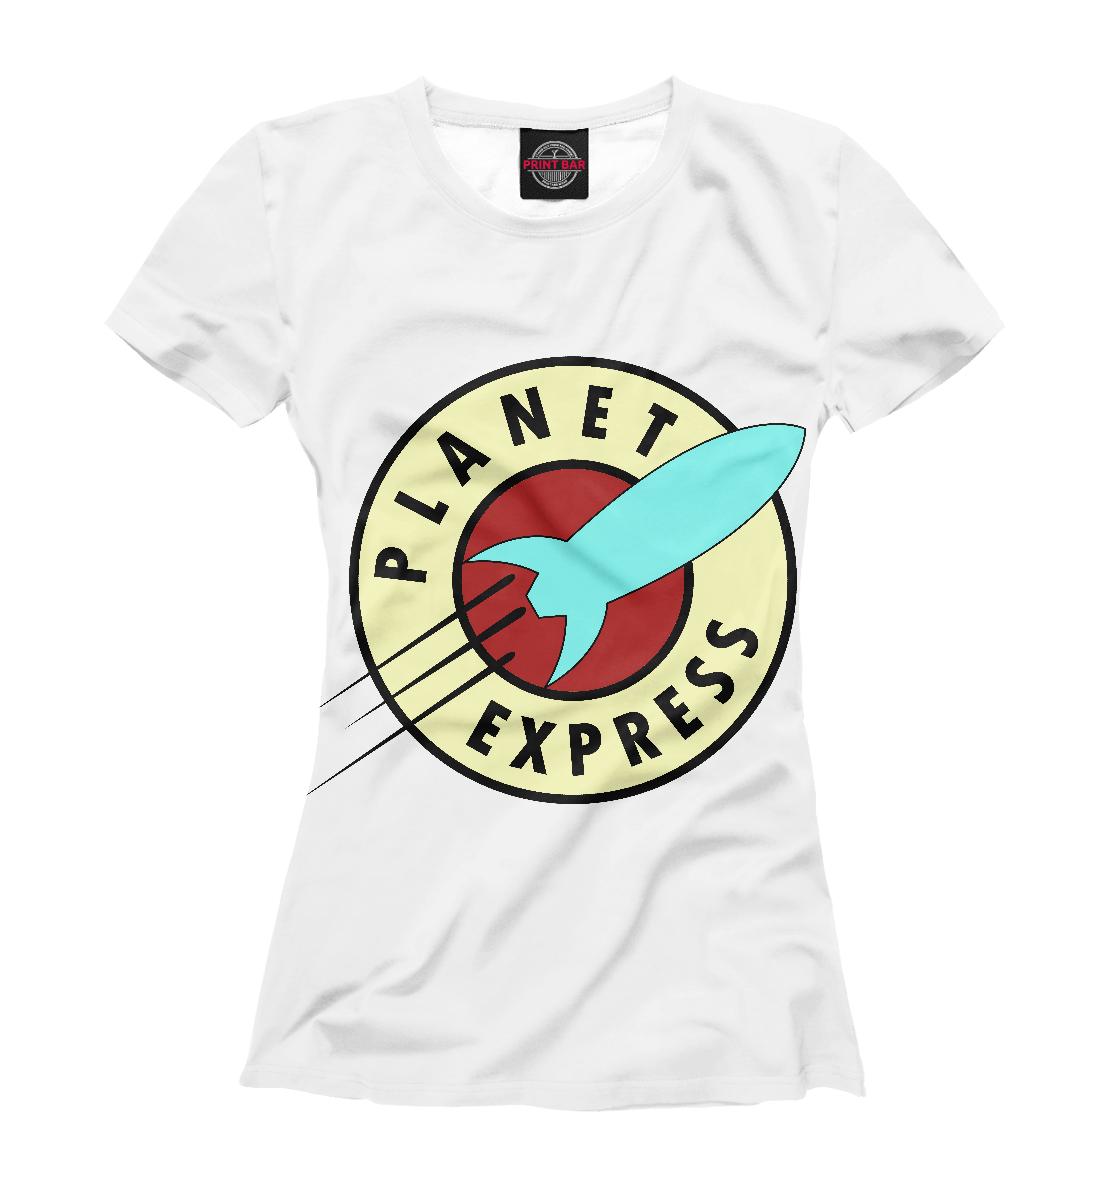 Купить Planet Express, Printbar, Футболки, FUT-420638-fut-1